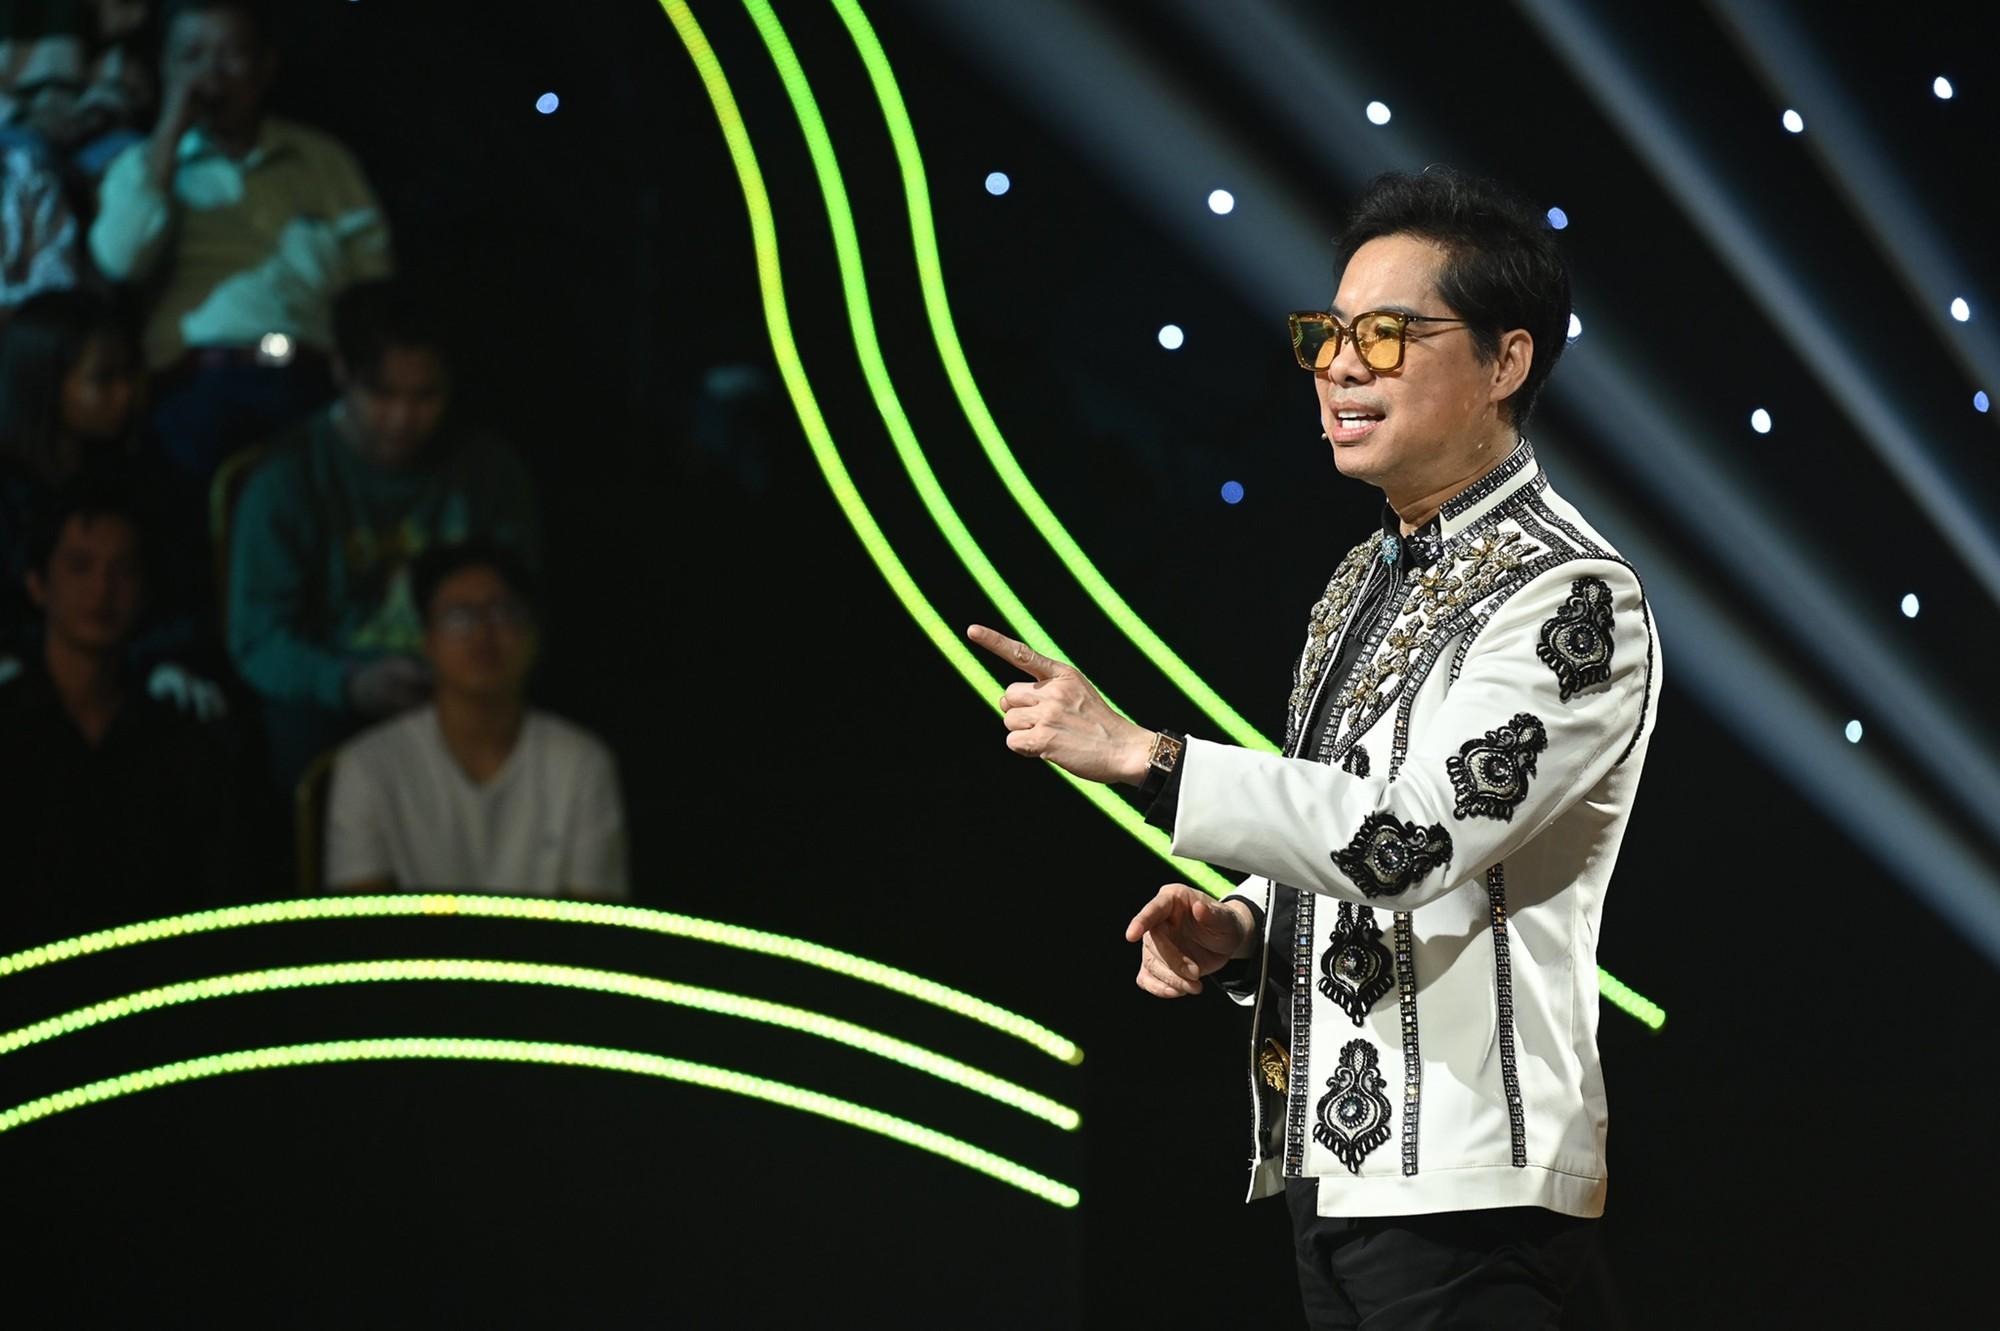 Tham vọng của Ngọc Sơn mang âm nhạc ra quốc tế ở tuổi ngoài 50 - Ảnh 3.